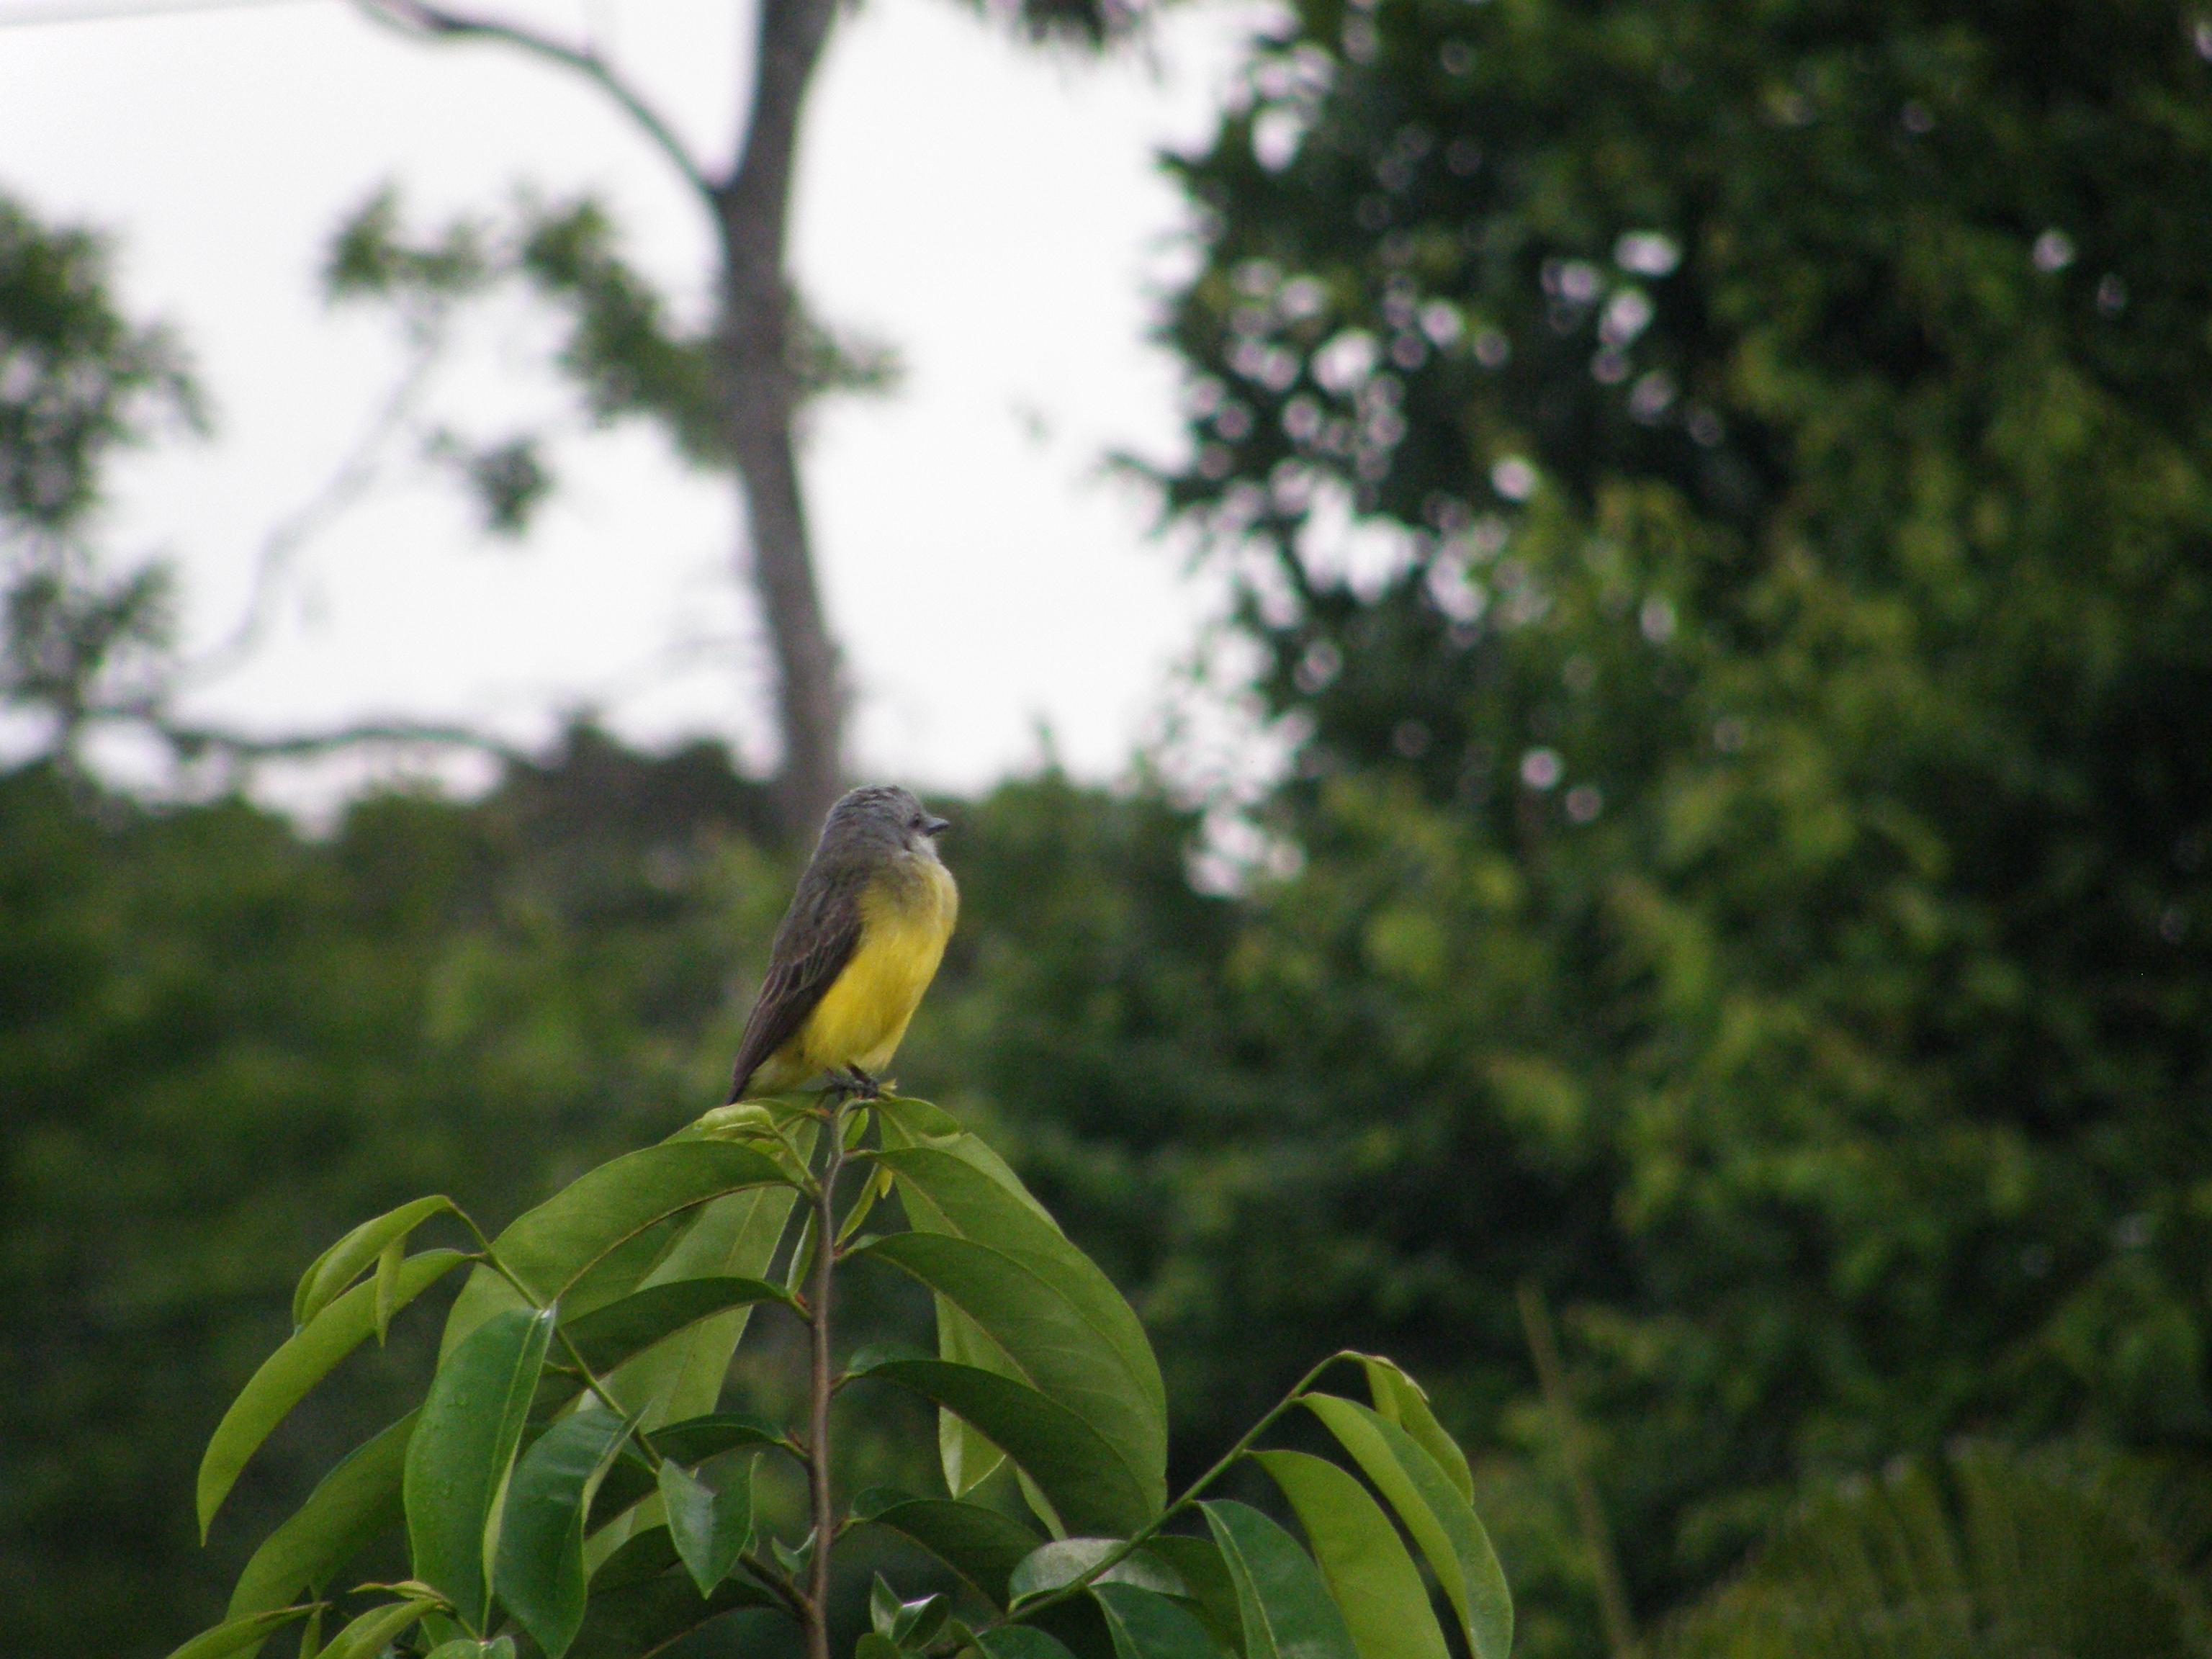 Verde pájaro